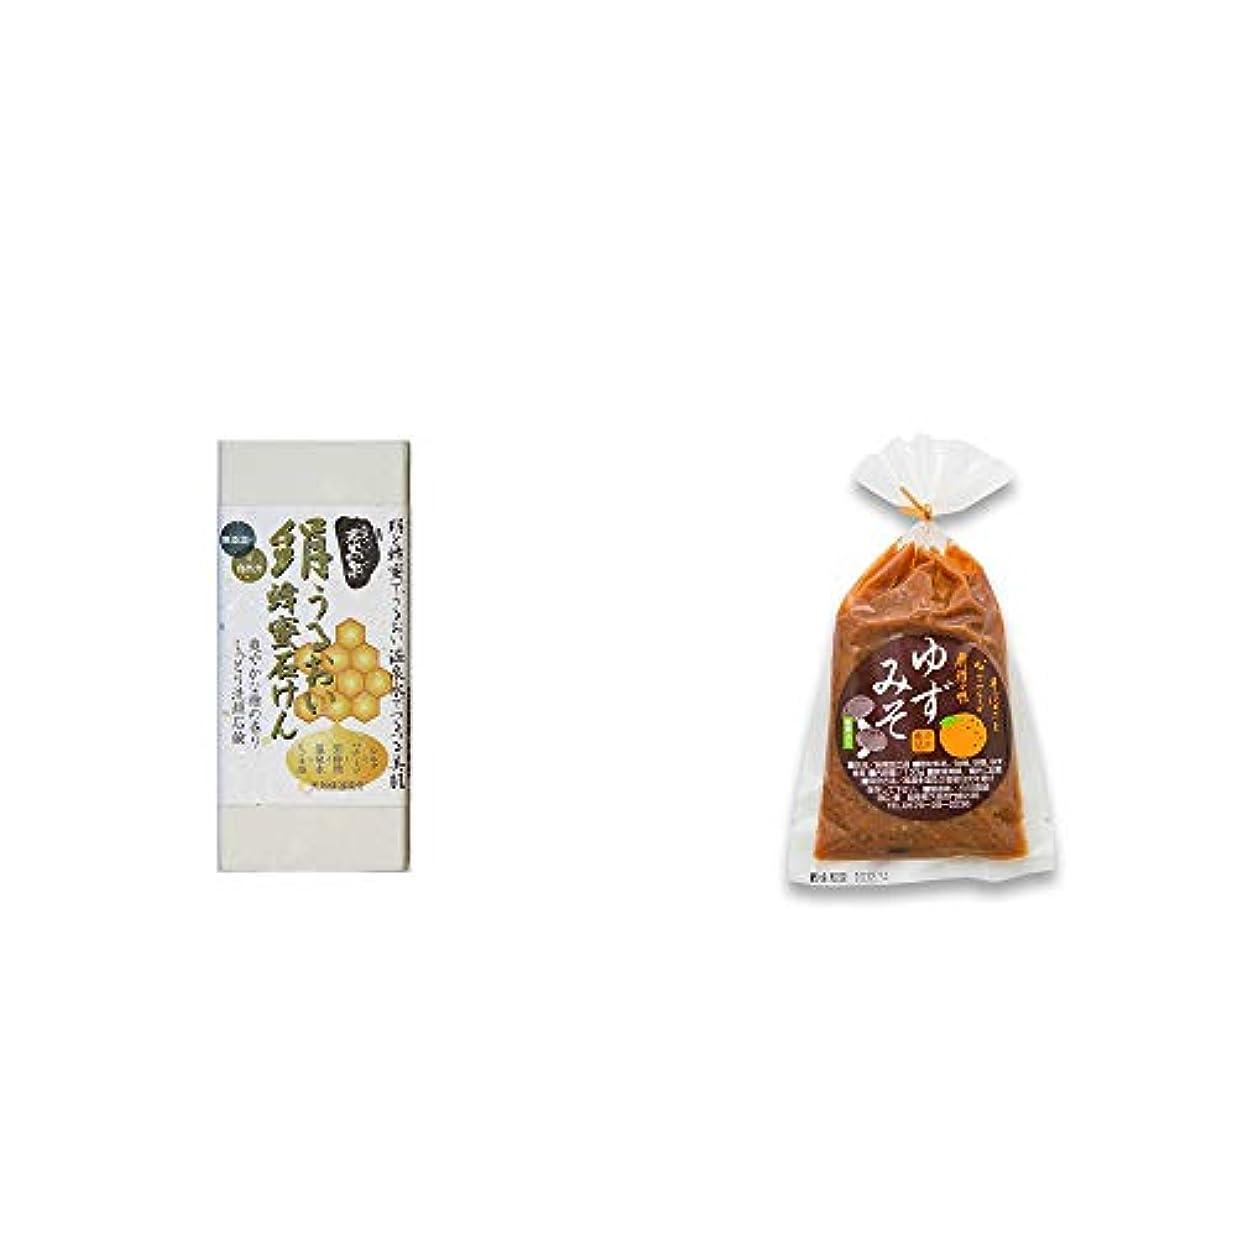 仮説独立してスタイル[2点セット] ひのき炭黒泉 絹うるおい蜂蜜石けん(75g×2)?ゆずみそ(130g)